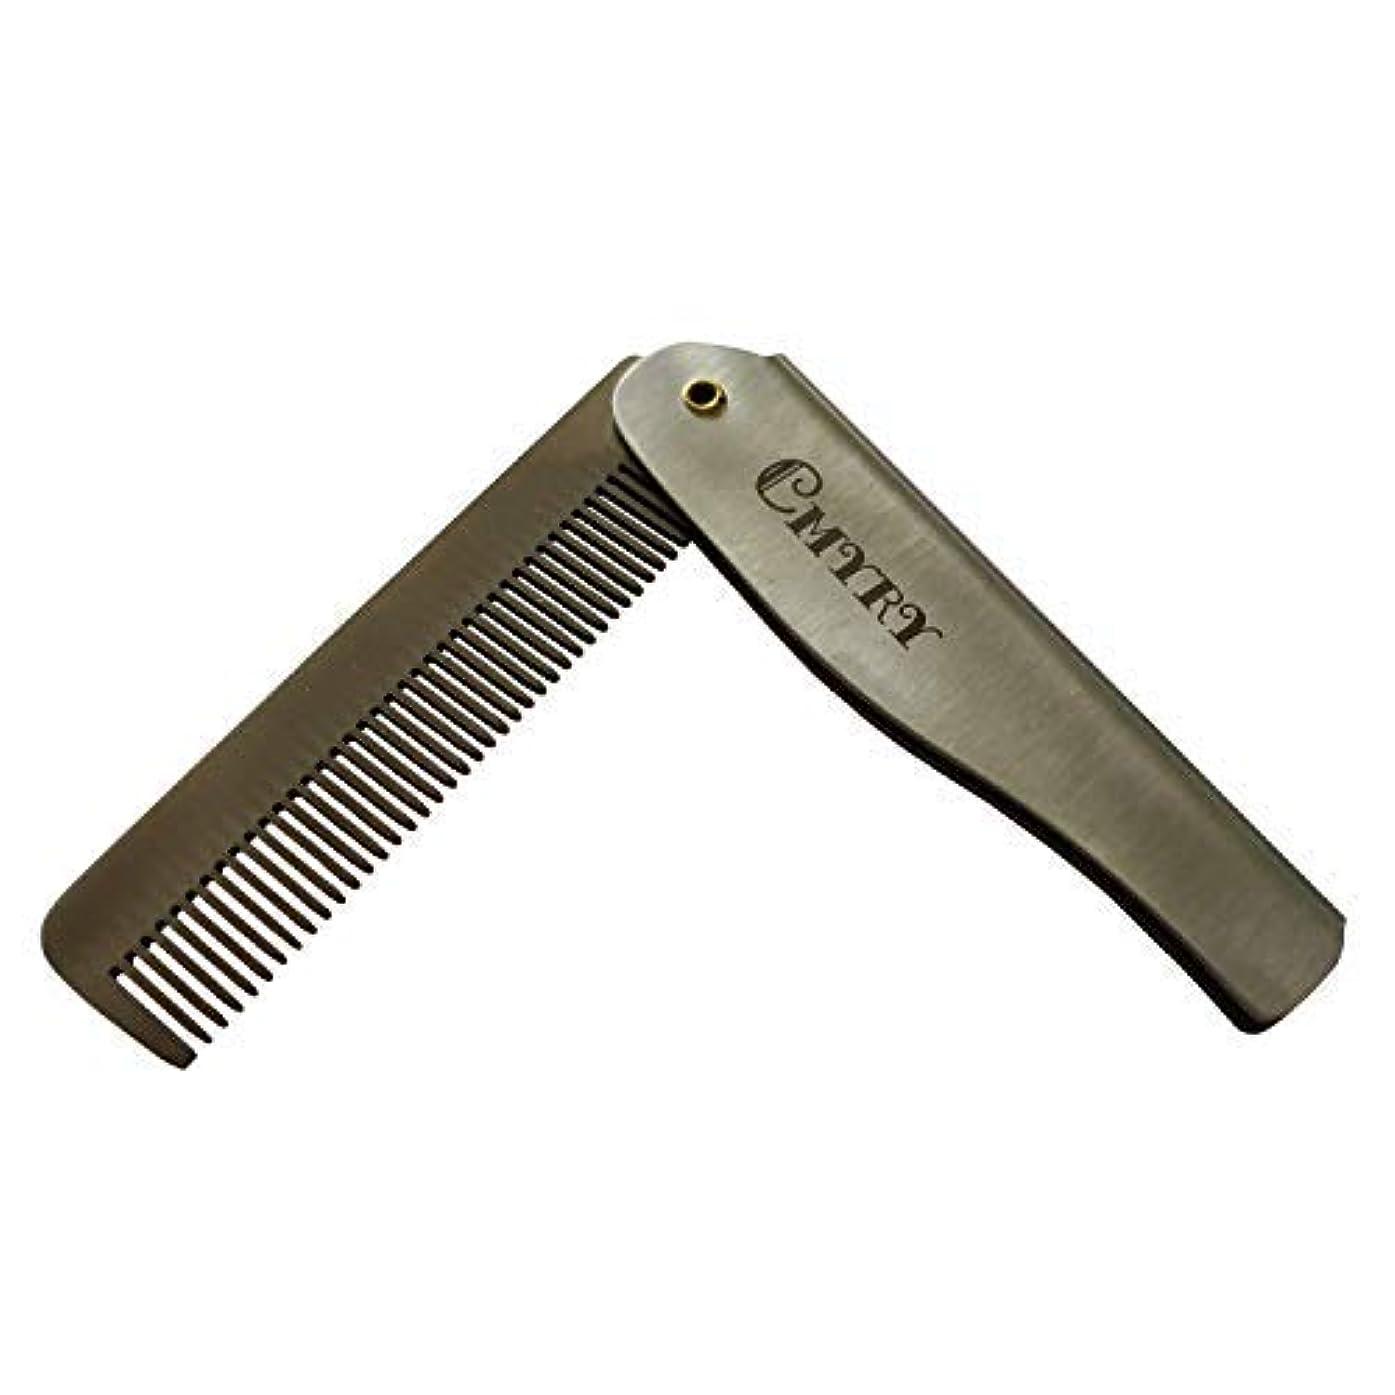 シーサイドマントル不一致Folding Beard Hair Pocket Mustaches Pouch Comb Durable Anti-Static Comb for Men [並行輸入品]